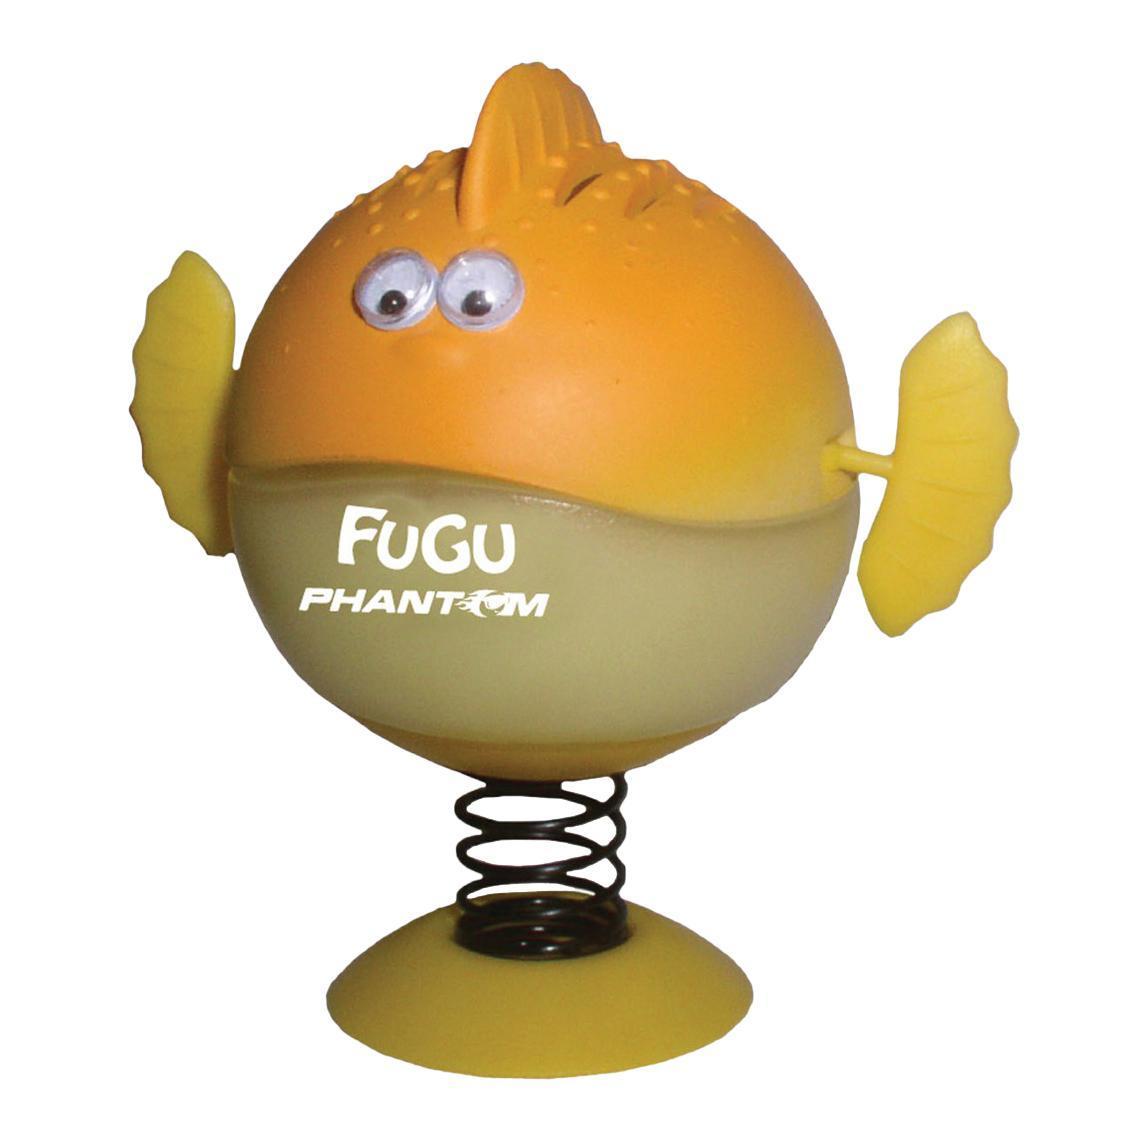 Ароматизатор Fugu Лимон3547Ароматизатор Fugu Лимон выполнен в виде рыбки. Благодаря своей уникальной конструкции (корпус ароматизатора закреплен на основании с помощью пружины), рыбка при движении покачивается из стороны в сторону. Носитель аромата - гелевый картридж - исключает возможность протекания! Обеспечивает длительный и стойкий аромат. Боковые покачивающиеся плавники создадут веселую атмосферу для Вашей поездки!